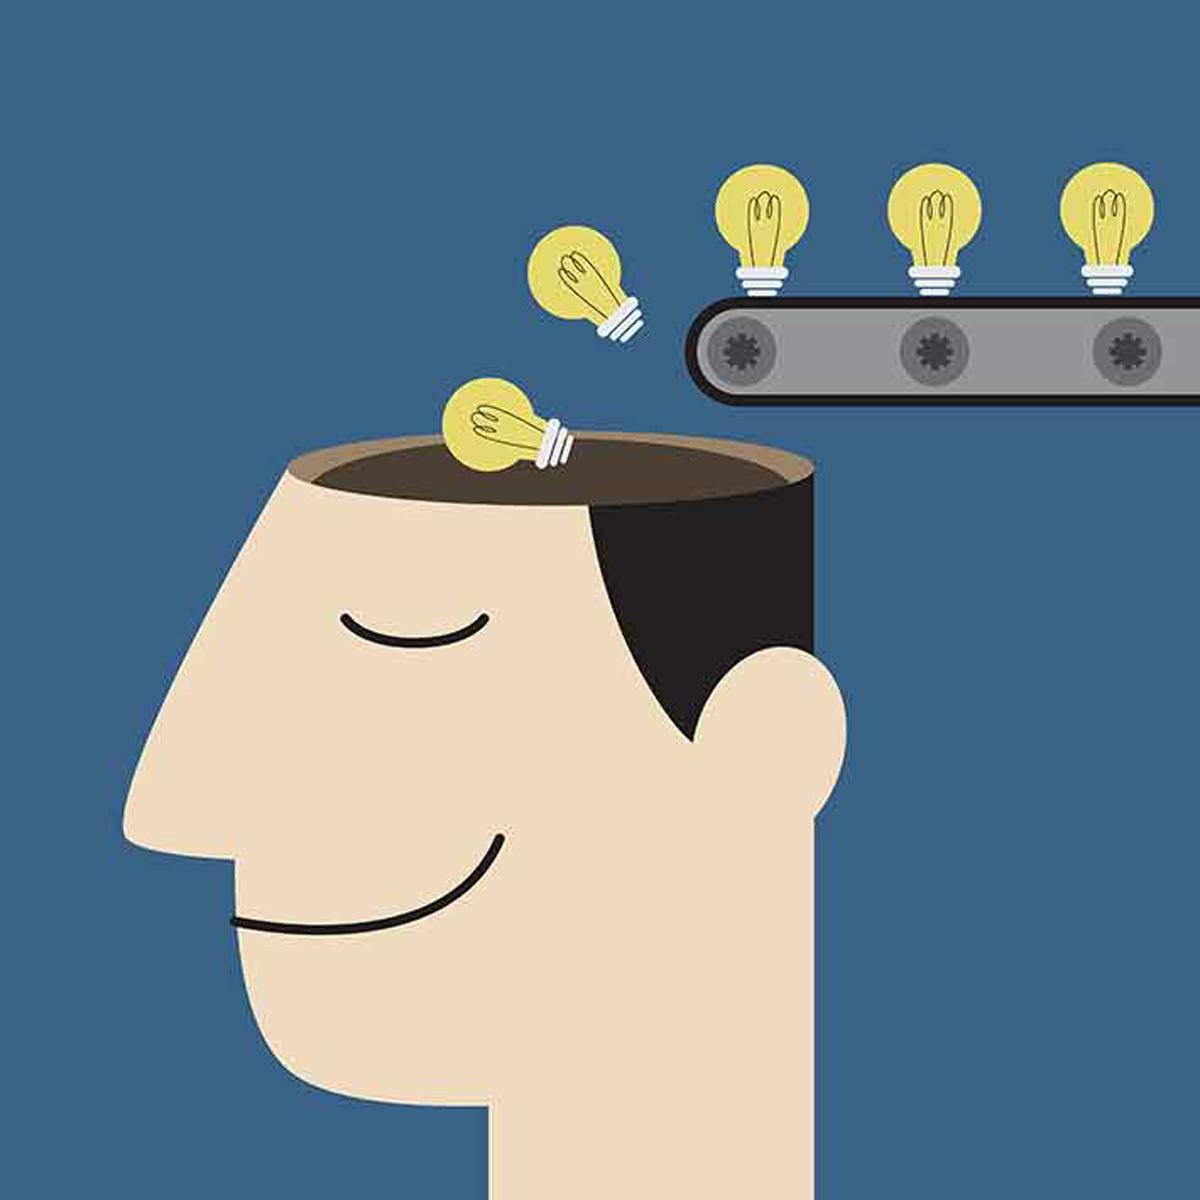 ایده و راهکار برای کسب درامد از اینترنت 1